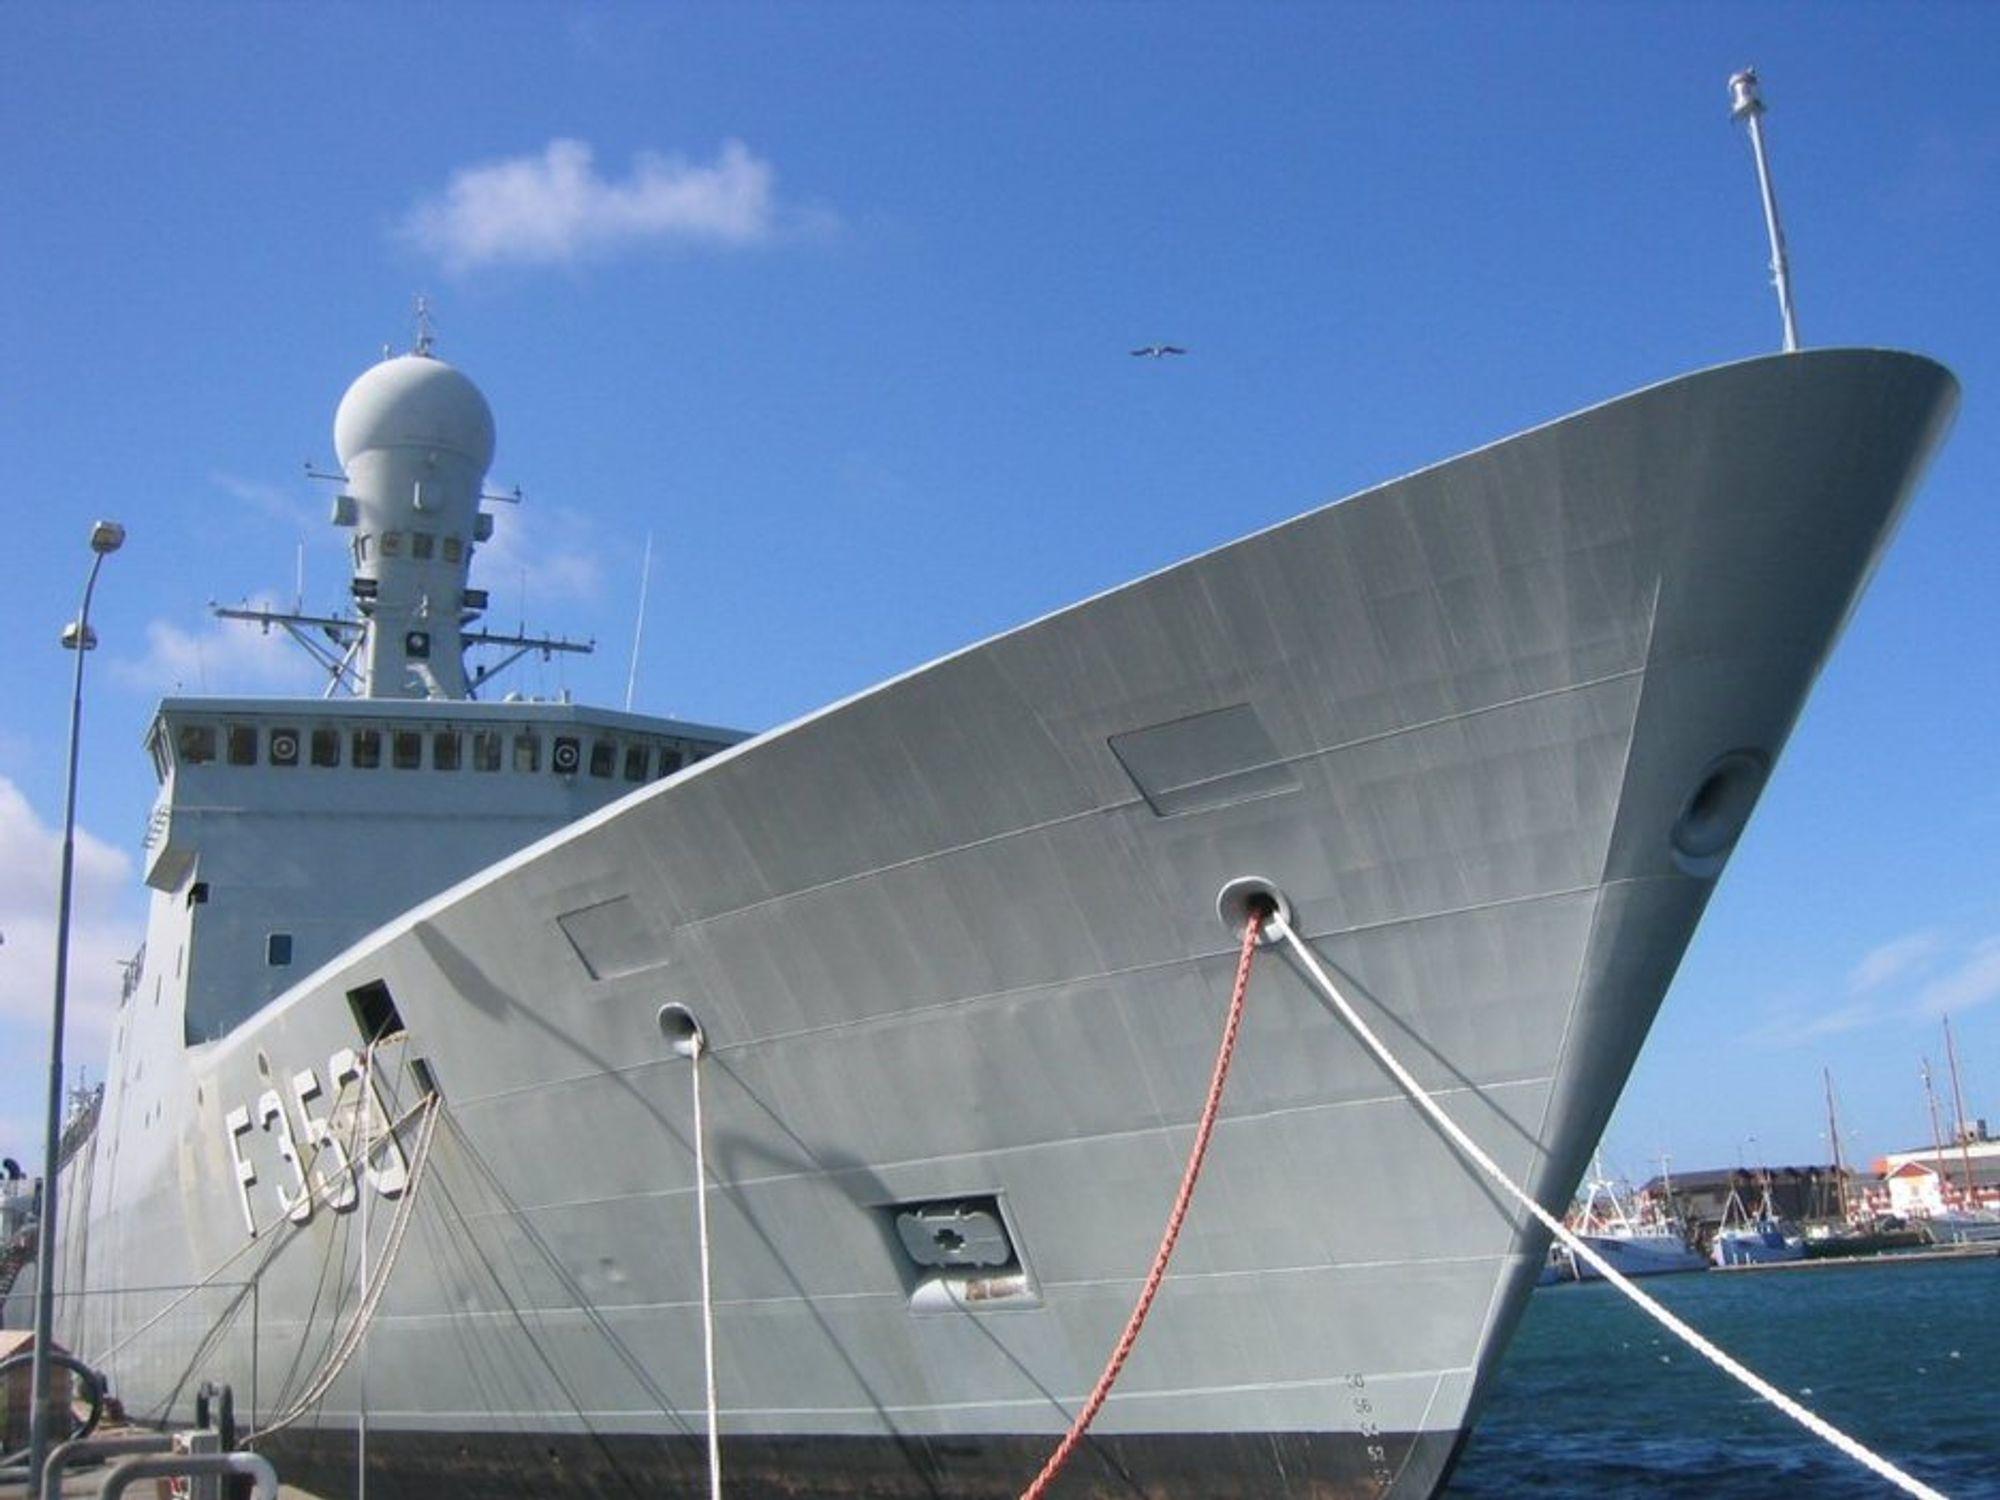 STØRSTE DANSKE: Galathea 3 er den største danske forskningsekspedisjonen siden dens forgjenger vendte hjem etter to år på verdenshavene i 1952. Motorproblemer forsinker imidlertid det ombygde forsvarsskipet Vædderen.